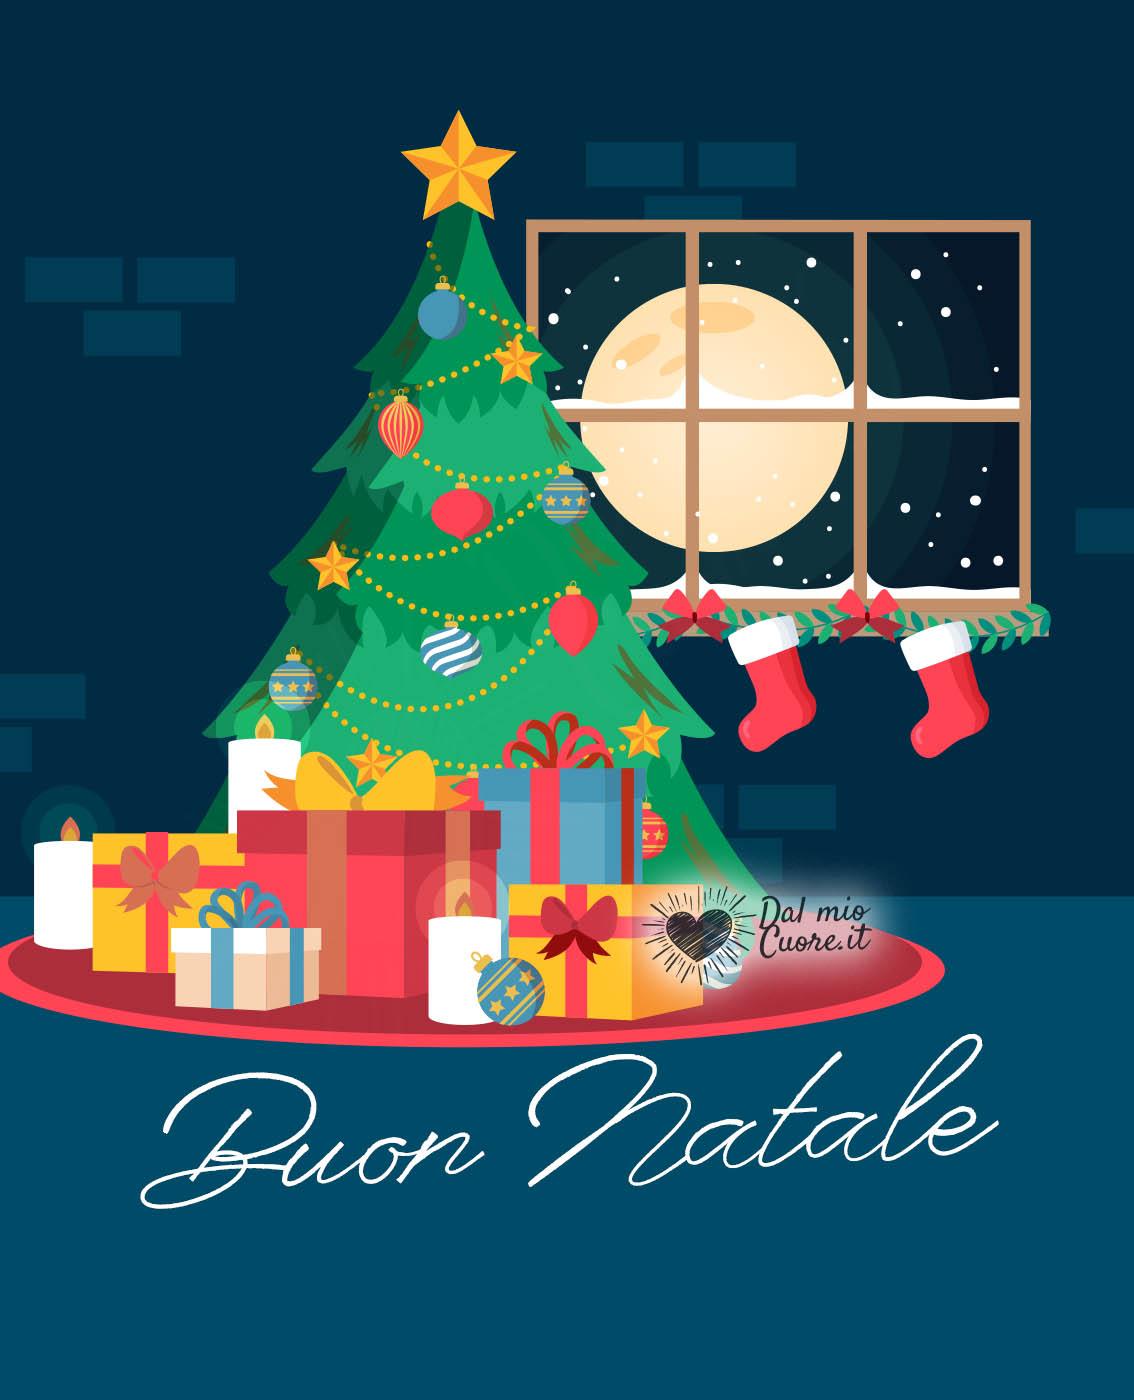 La ghirlanda brilla sull'albero di natale, il gatto riposa. Auguri Di Buon Natale Immagini Video E Gif Per Facebook E Whatsapp